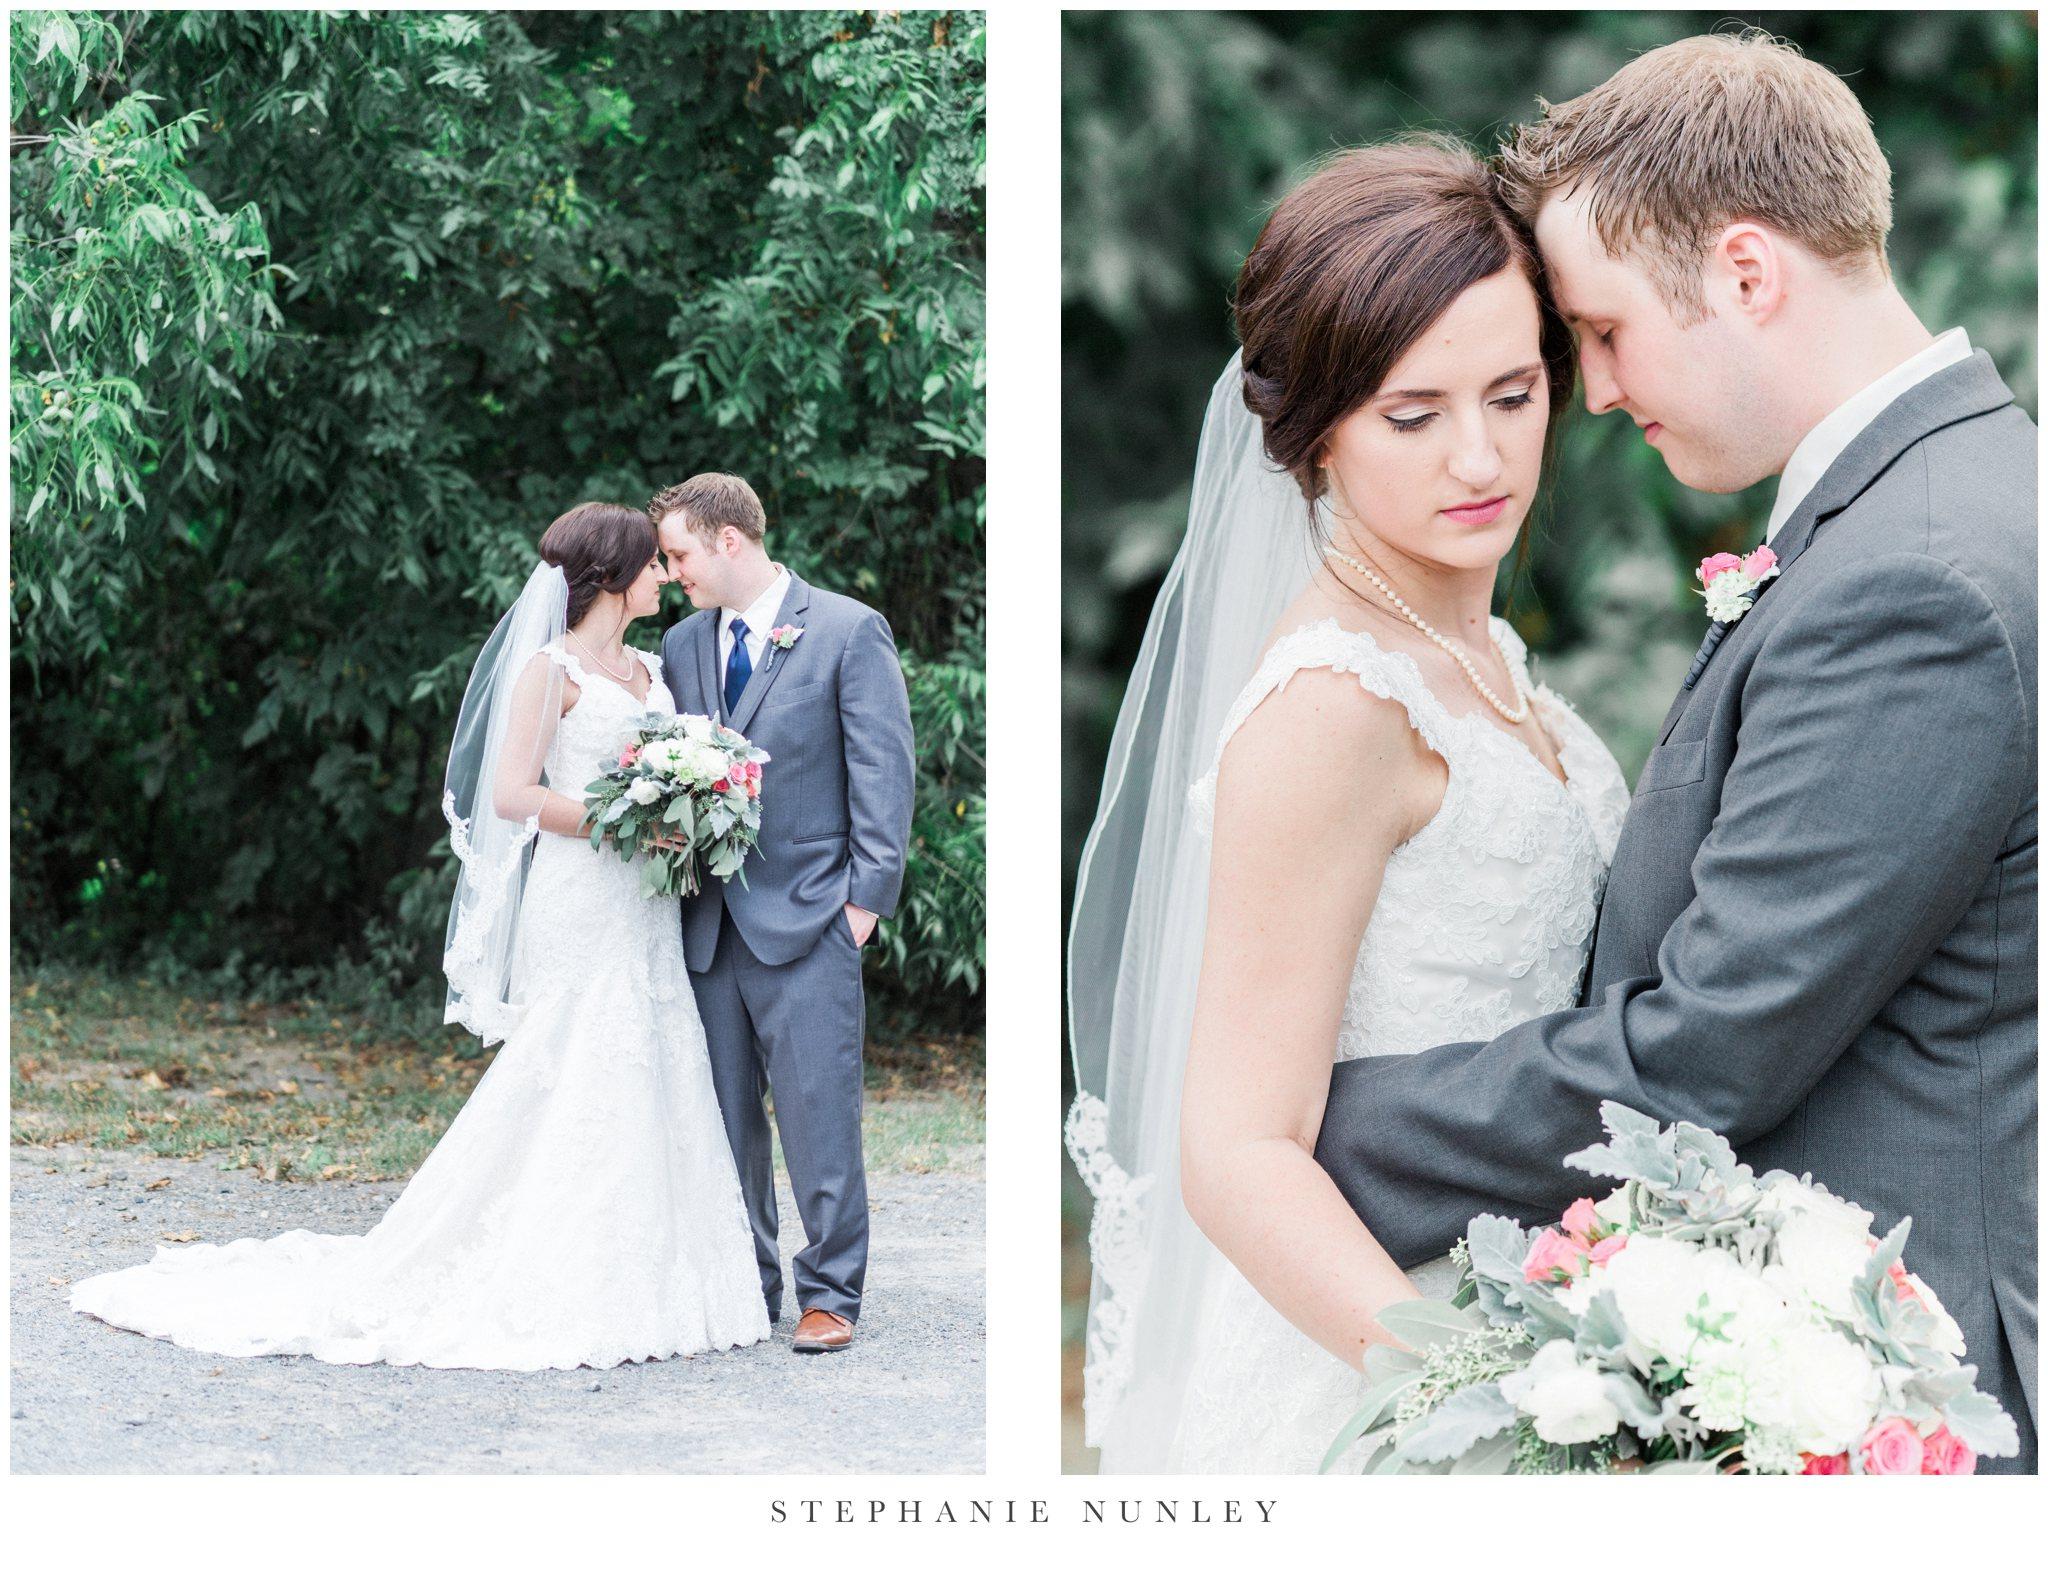 arkansas-outdoor-film-inspired-wedding-0063.jpg